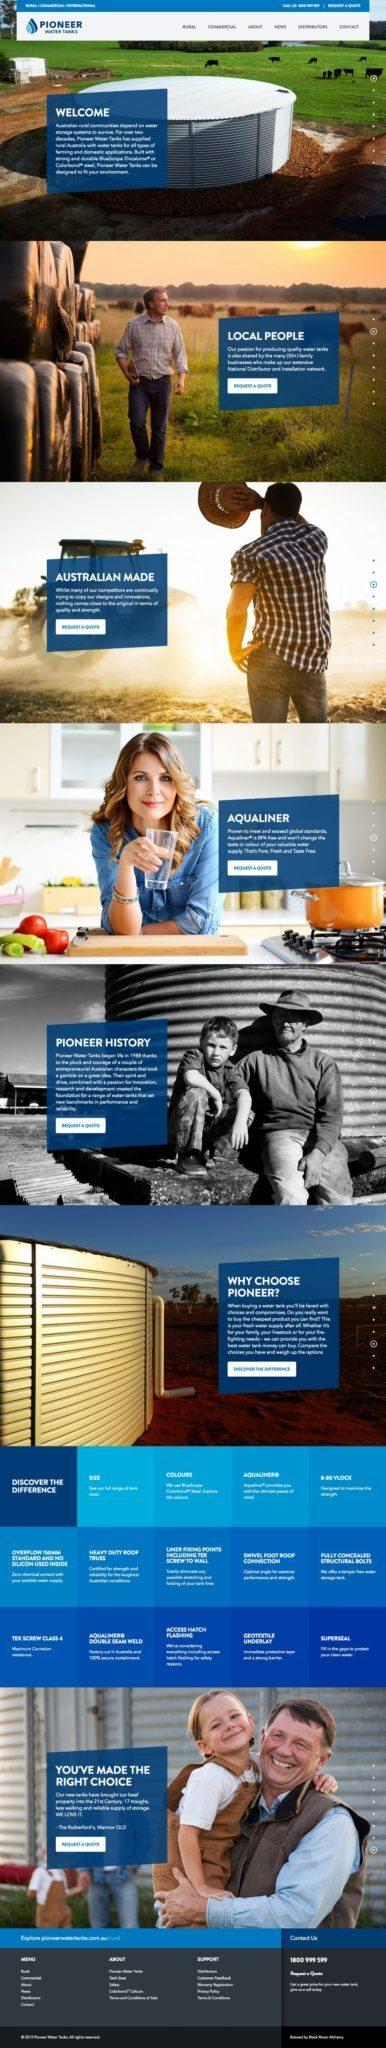 Pioneer Water Tanks Website Homepage